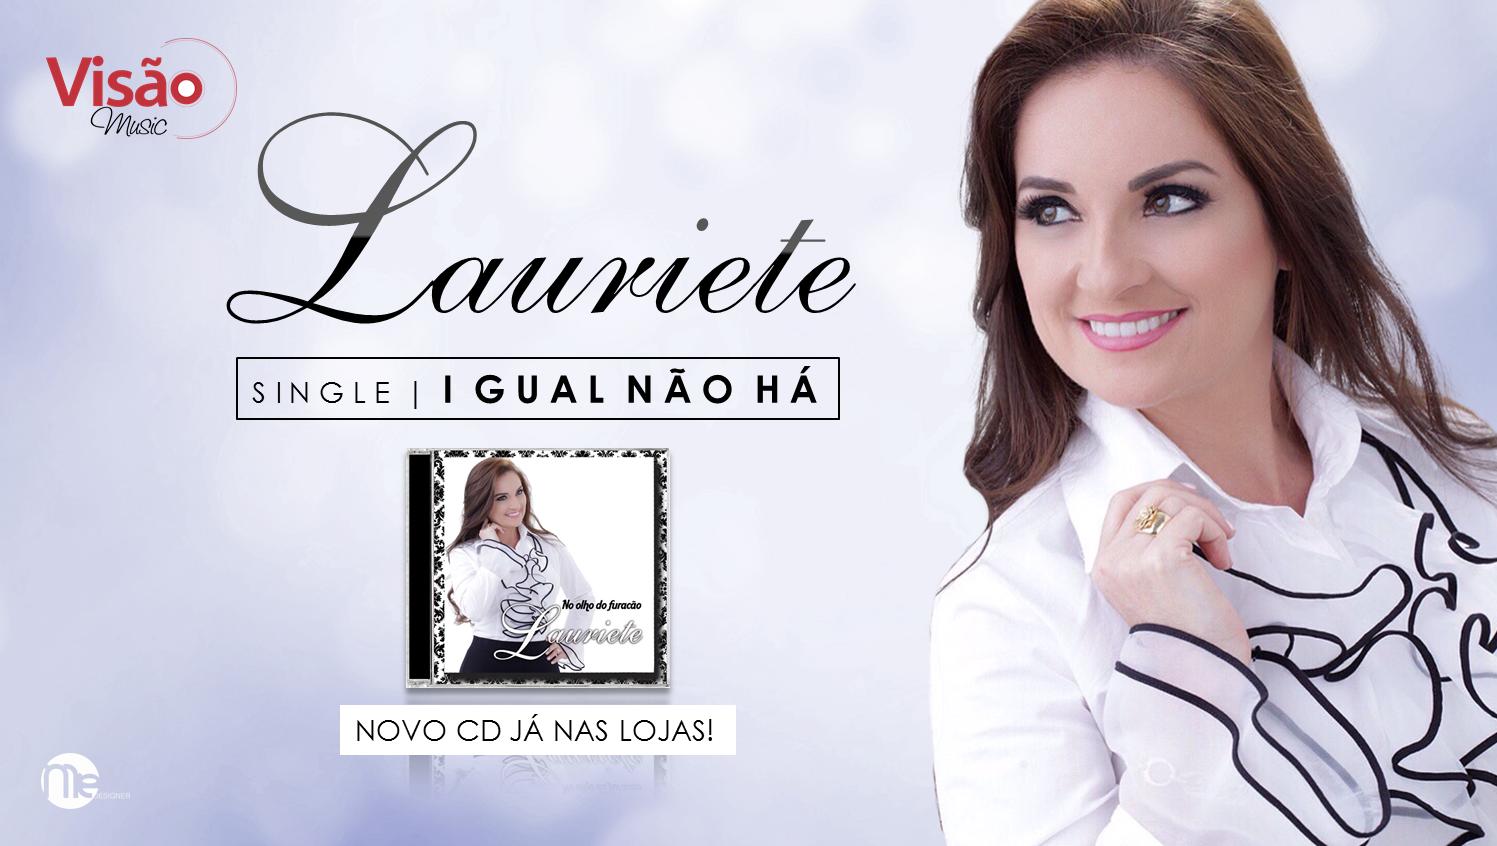 novo cd da cantora lauriete